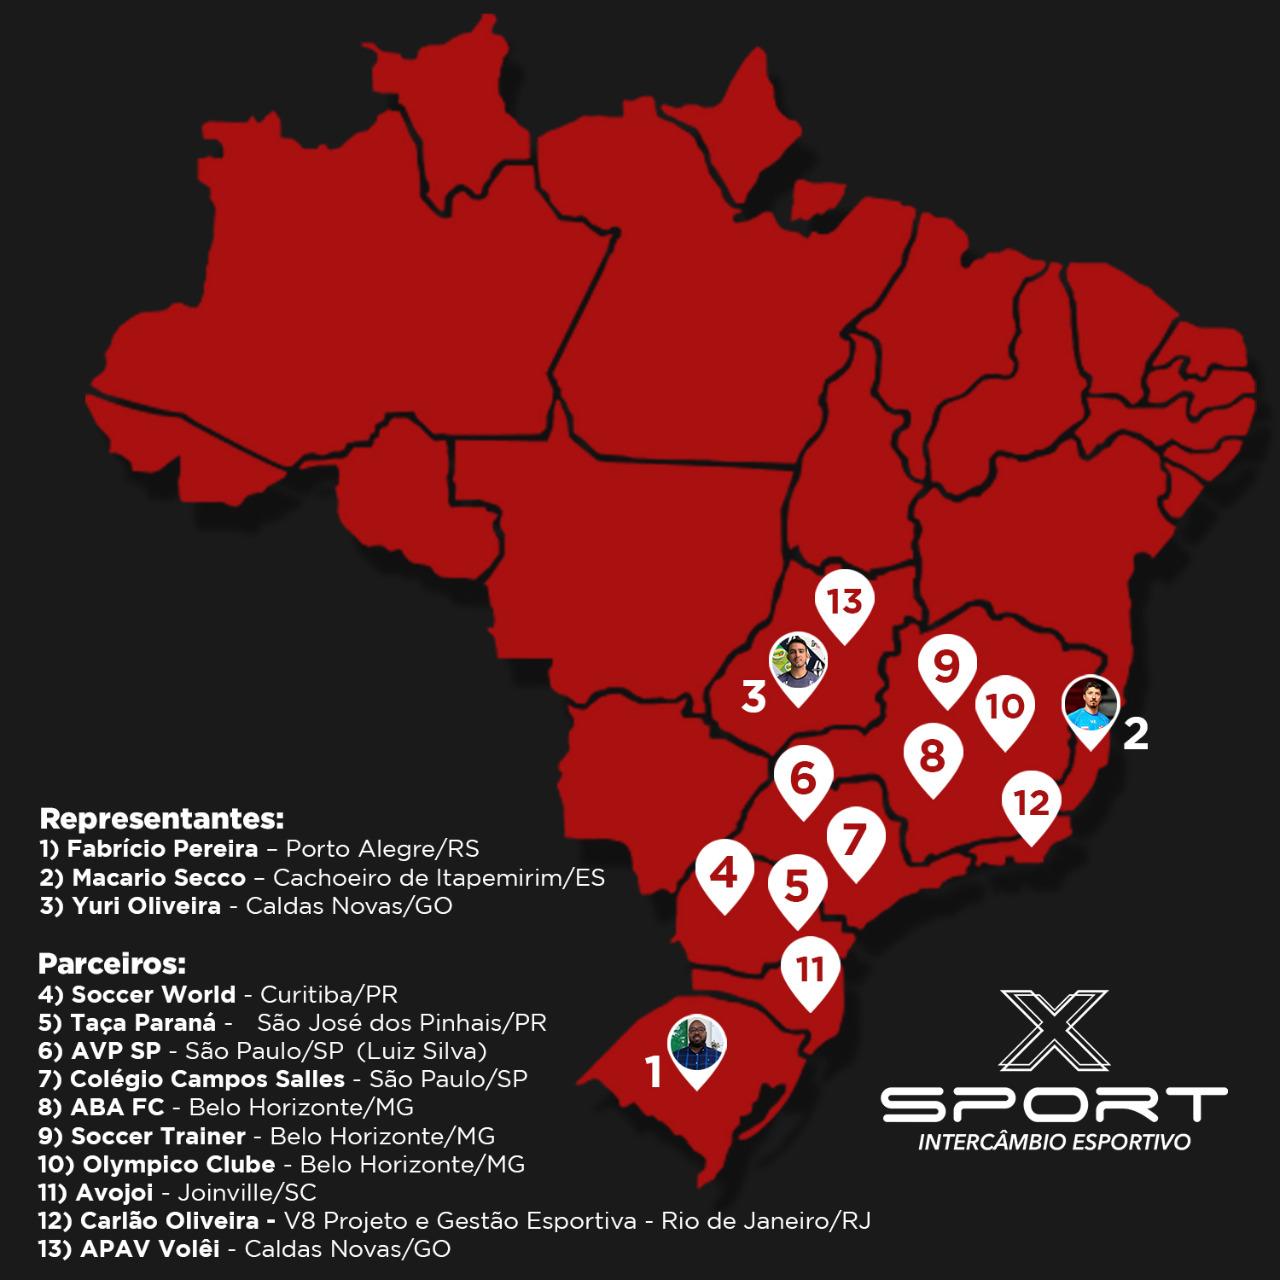 Parcerias pelo Brasil